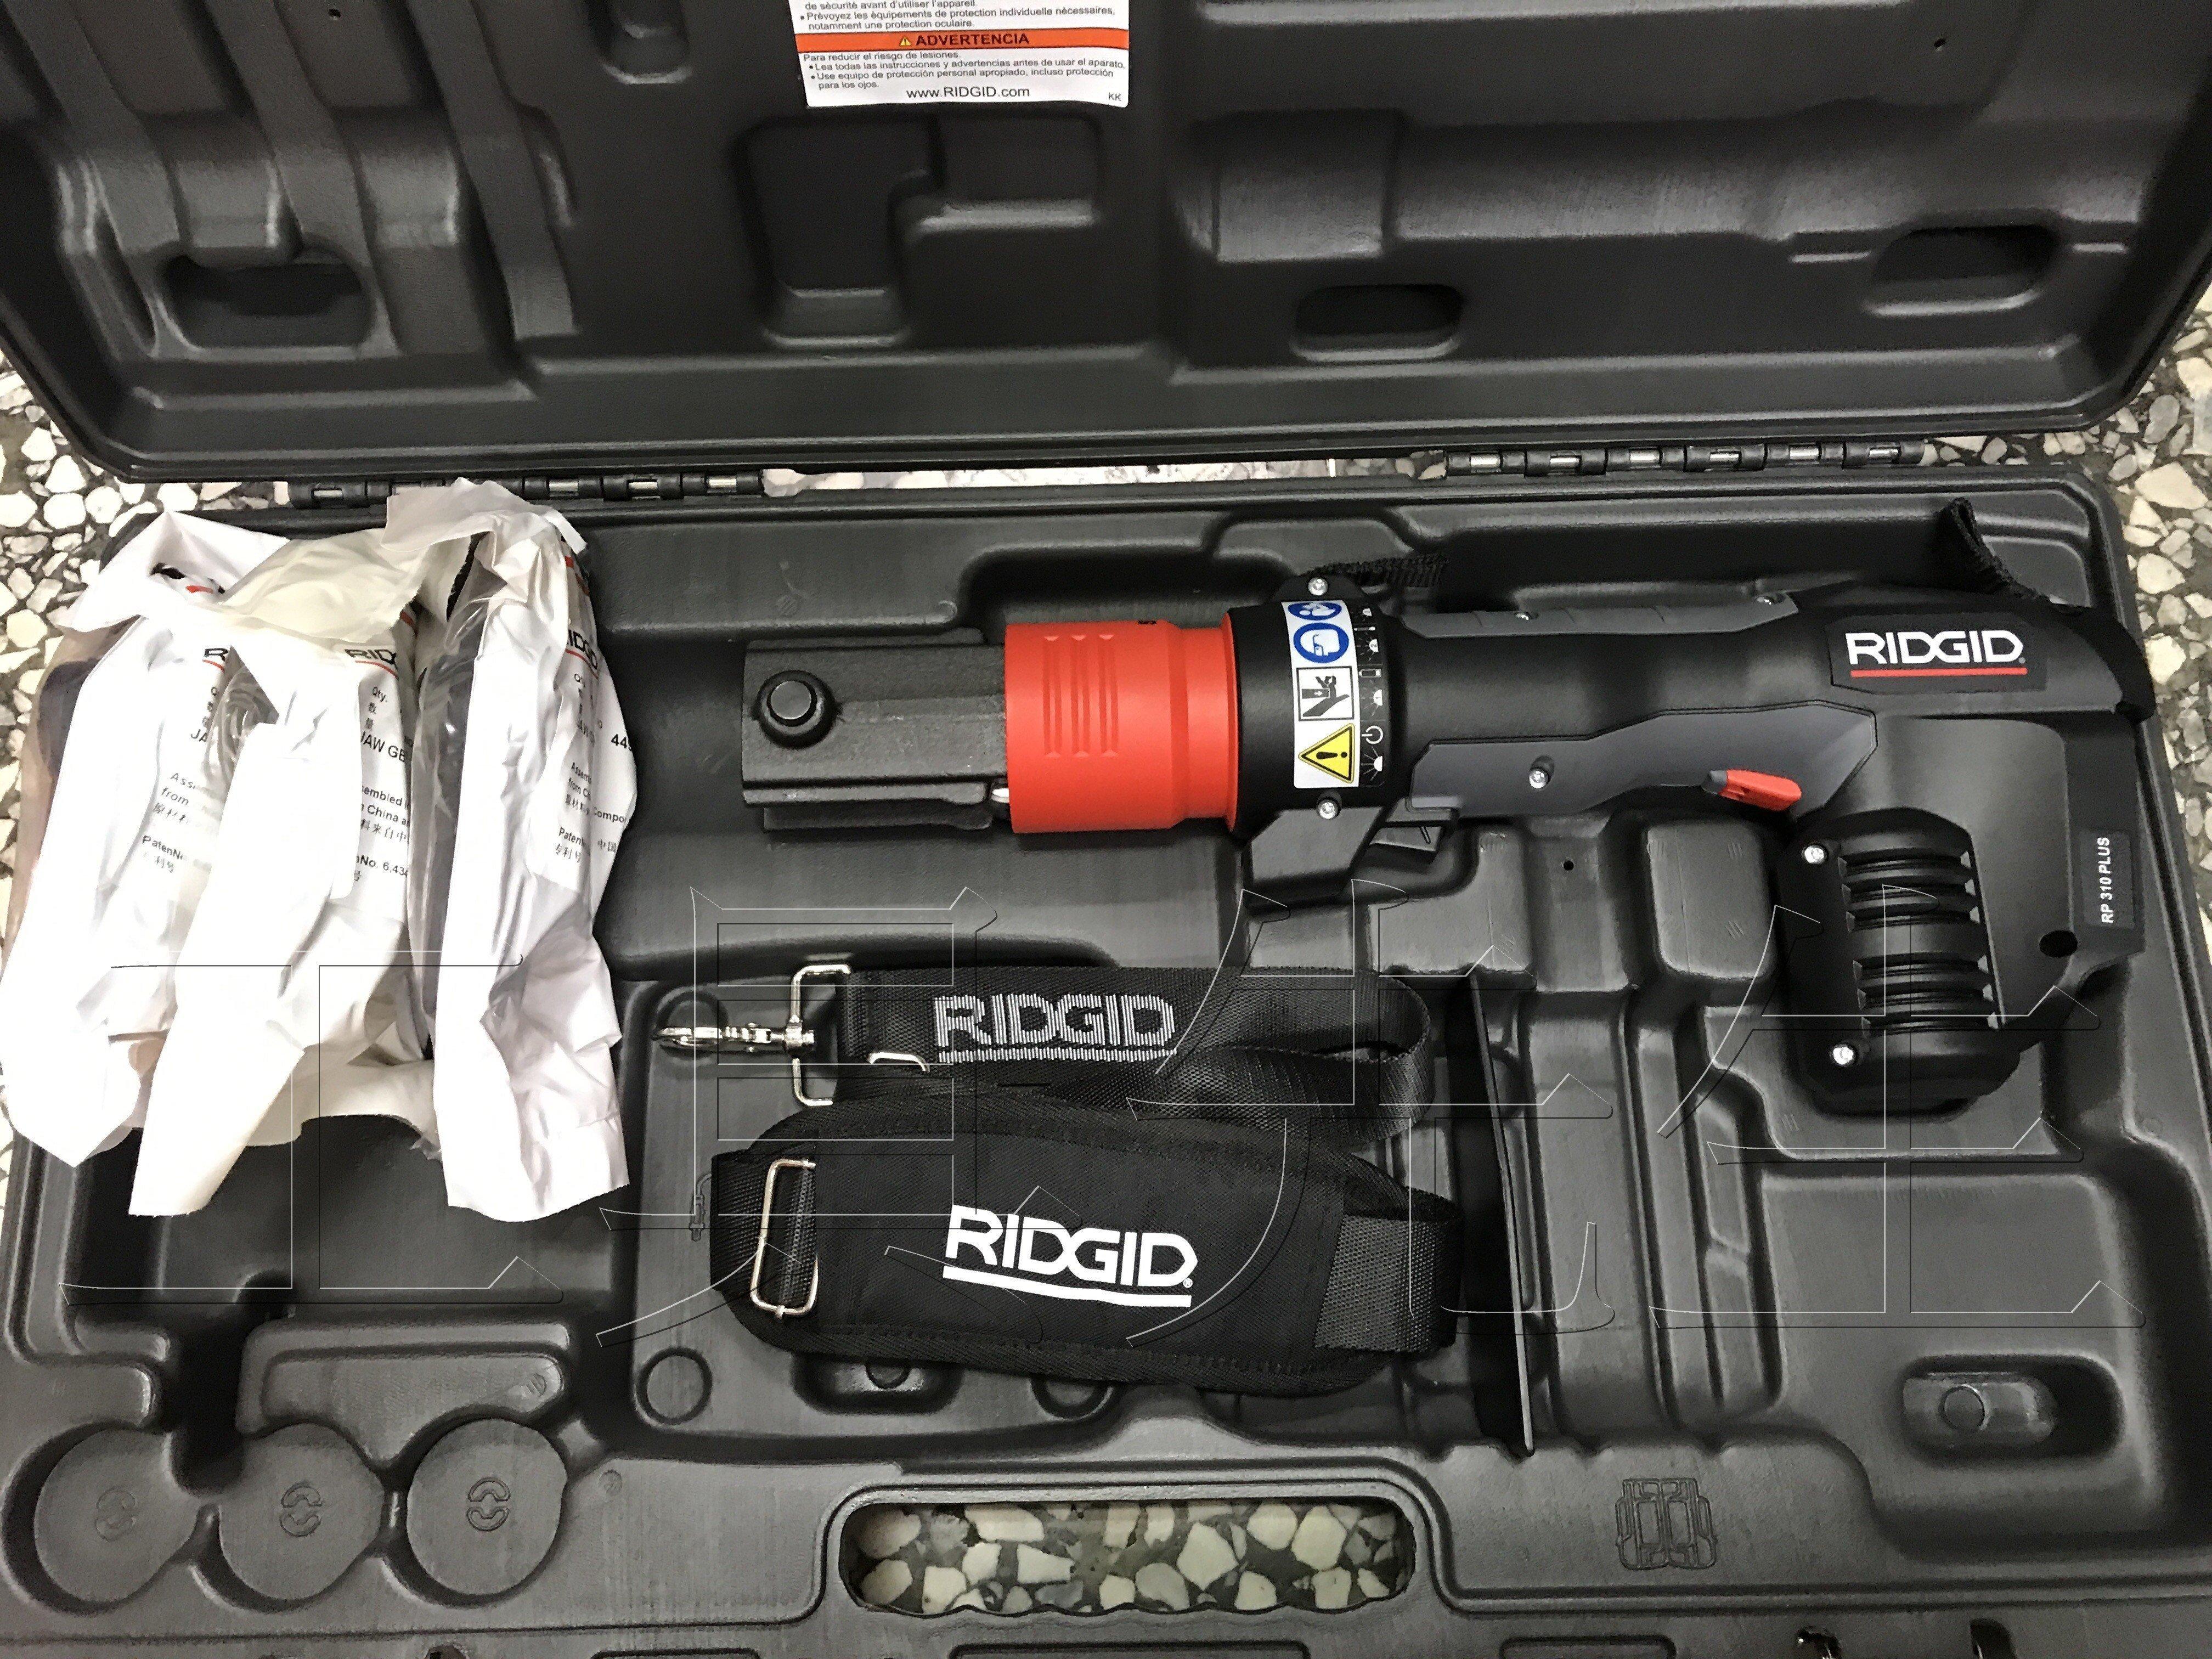 含稅價/RP310/牧田18v電池共用【工具先生】RIDGID 里奇 全自動退油 充電式 不銹鋼管 壓接機 非asada